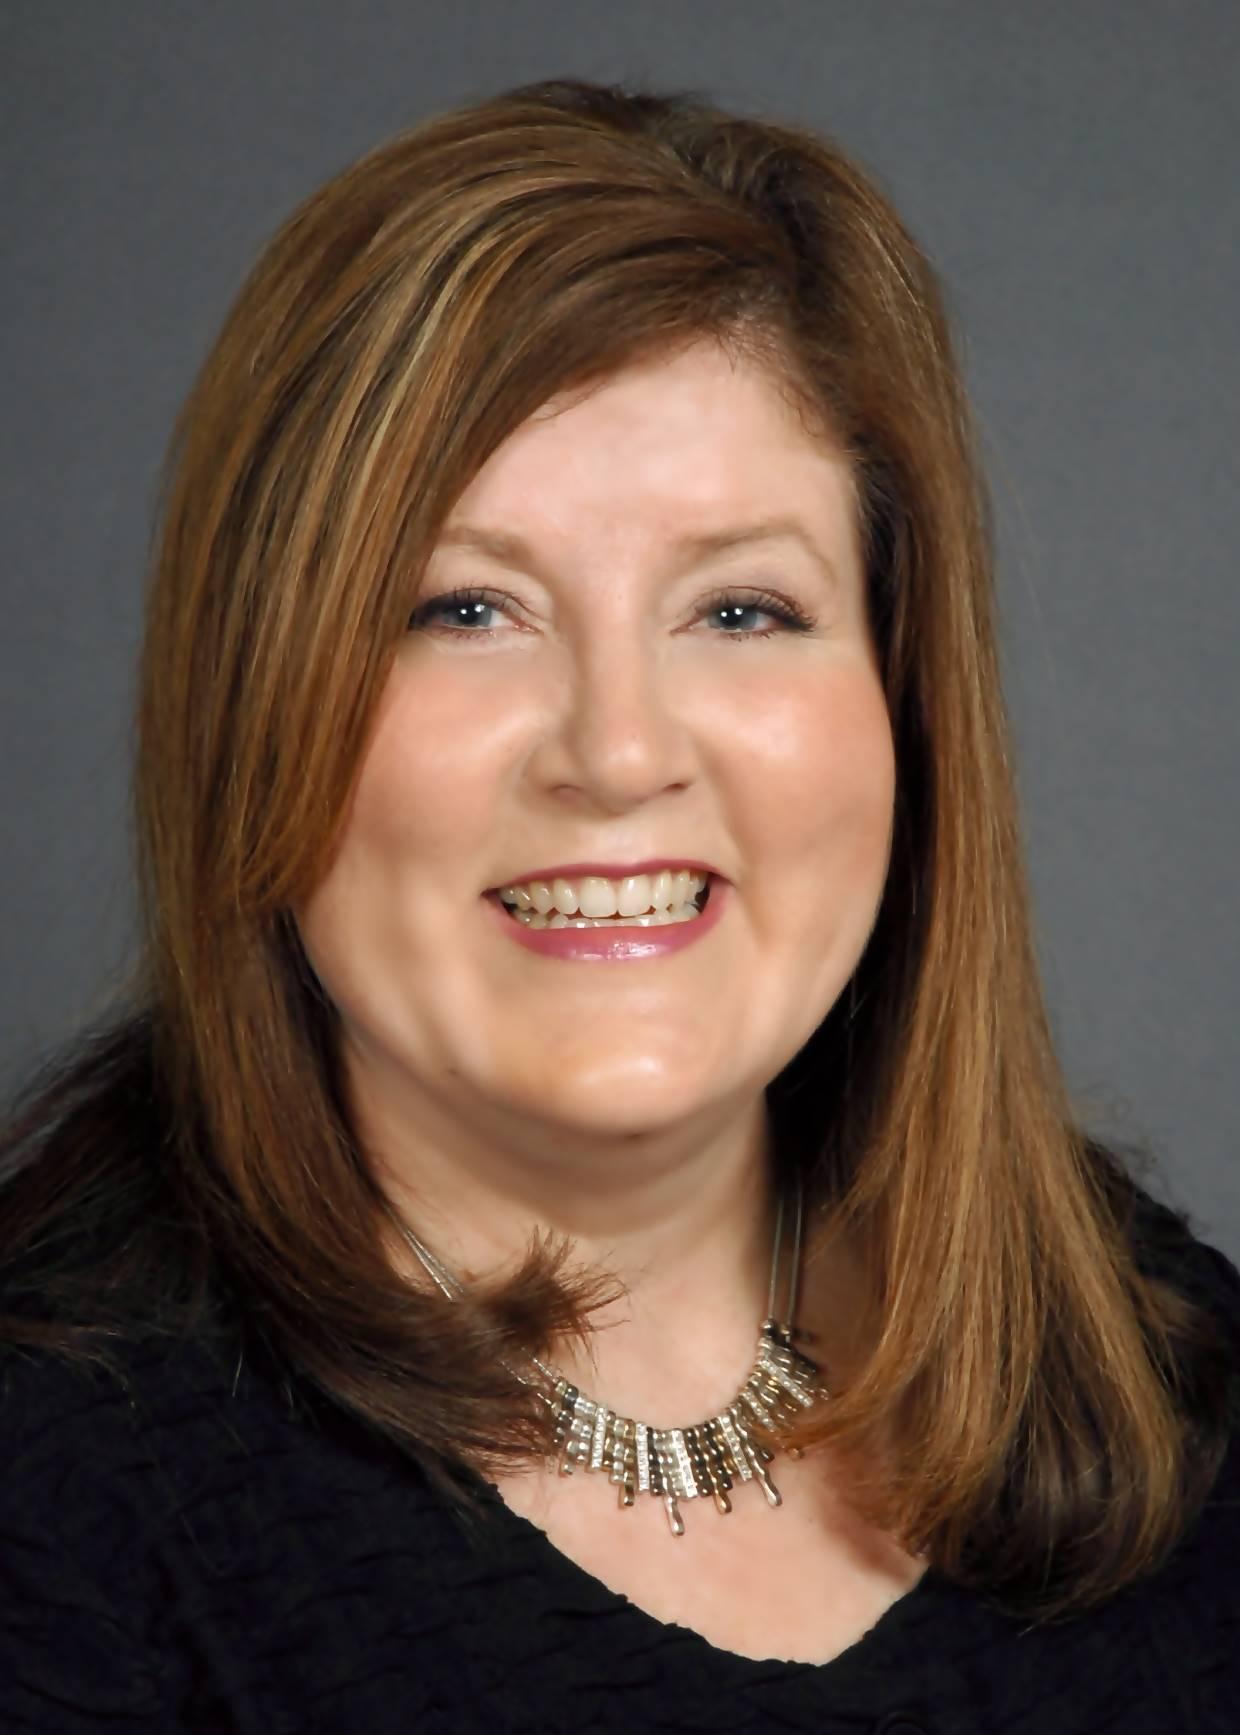 Kathy McHenry Headshot 2017